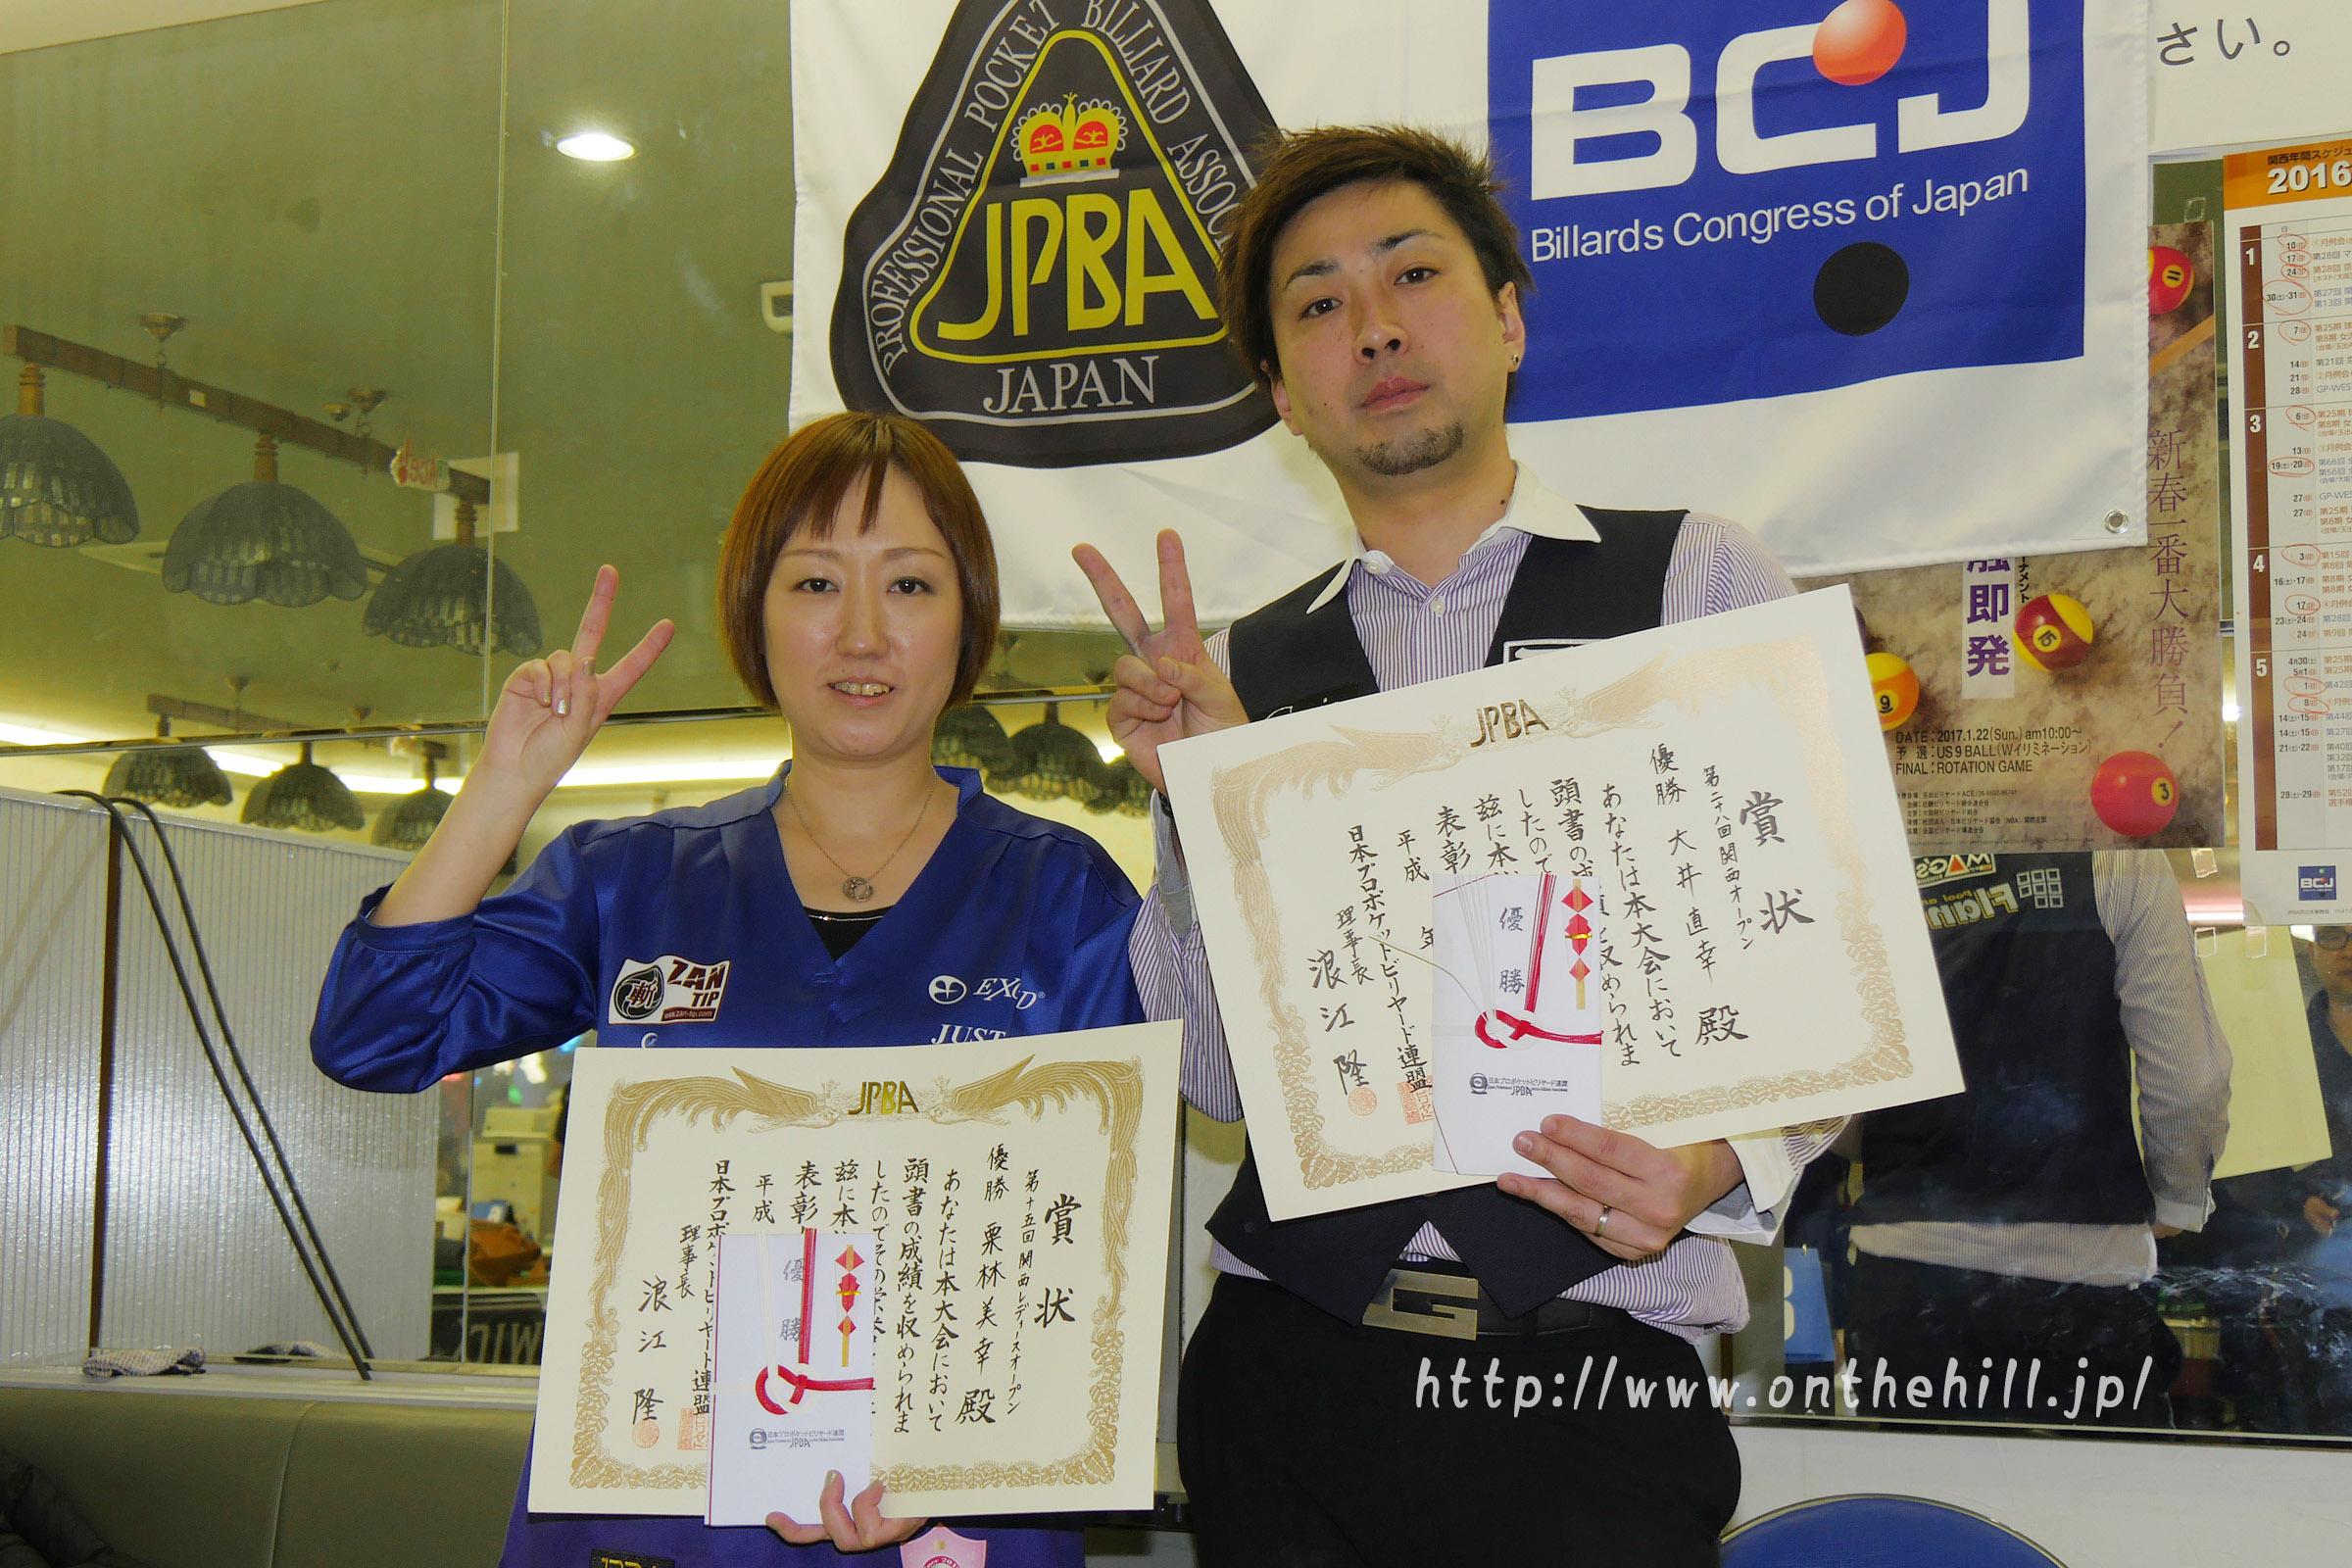 女子優勝:栗林美幸(Mezz/Justdoit)&男子優勝:大井直幸(Flannel/Exceed/Owl/Kokokarada)